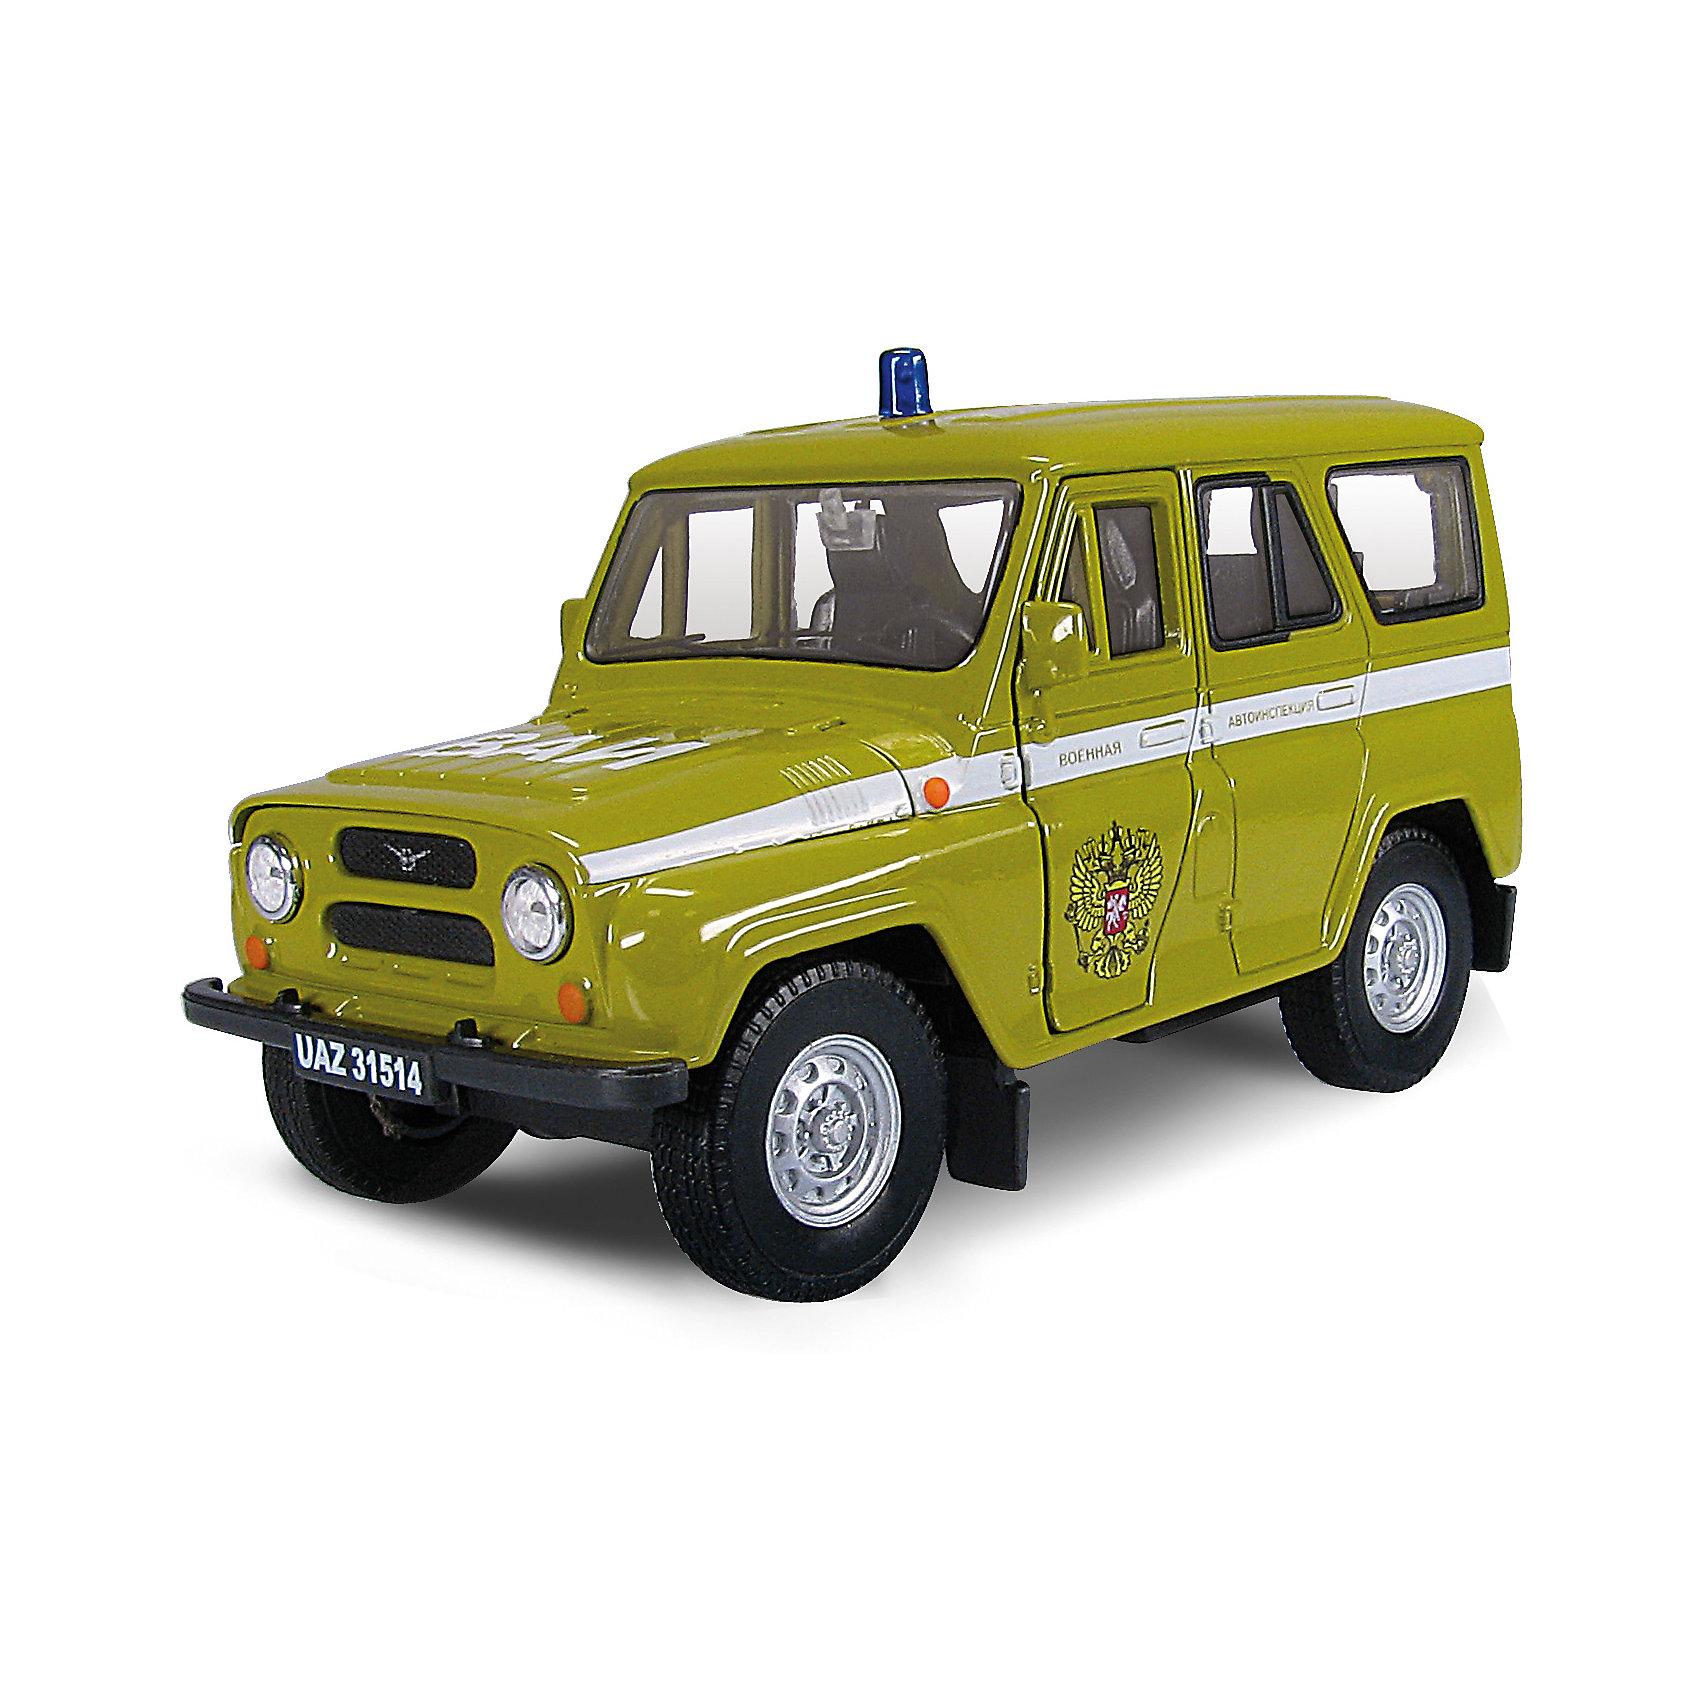 Машинка UAZ 31514 ВАИ 1:36, AutotimeМашинки<br>Машинка UAZ 31514 ВАИ 1:36, Autotime (Автотайм).<br><br>Характеристики:<br><br>• Масштаб 1:36<br>• Длина машинки: 11,5 см.<br>• Цвет: зеленый<br>• Материал: металл, пластик<br>• Упаковка: картонная коробка блистерного типа<br>• Размер упаковки: 16,5x5,7x7,2 см.<br><br>Машинка UAZ 31514 ВАИ от Autotime (Автотайм) является уменьшенной копией настоящего автомобиля. UAZ 31514 - полноприводный автомобиль повышенной проходимости. Выпускался в 1993 - 2003 годах. Модель отличается высокой степенью детализации. Автомобиль окрашен в зеленый цвет, вдоль бортов проходит полоса с надписью Военная автоинспекция, на крыше расположена, имитация синей мигалки, на передней двери изображен герб РФ. Корпус машинки металлический с пластиковыми элементами. Передние двери открываются, что позволяет рассмотреть салон изнутри в деталях. Машинка оснащена инерционным механизмом. Машинка UAZ 31514 ВАИ, выпущенная в русской серии бренда Autotime (Автотайм), станет хорошим подарком и ребенку, и коллекционеру моделей автомобилей.<br><br>Машинку UAZ 31514 ВАИ 1:36, Autotime (Автотайм) можно купить в нашем интернет-магазине.<br><br>Ширина мм: 165<br>Глубина мм: 57<br>Высота мм: 75<br>Вес г: 13<br>Возраст от месяцев: 36<br>Возраст до месяцев: 2147483647<br>Пол: Мужской<br>Возраст: Детский<br>SKU: 5583874